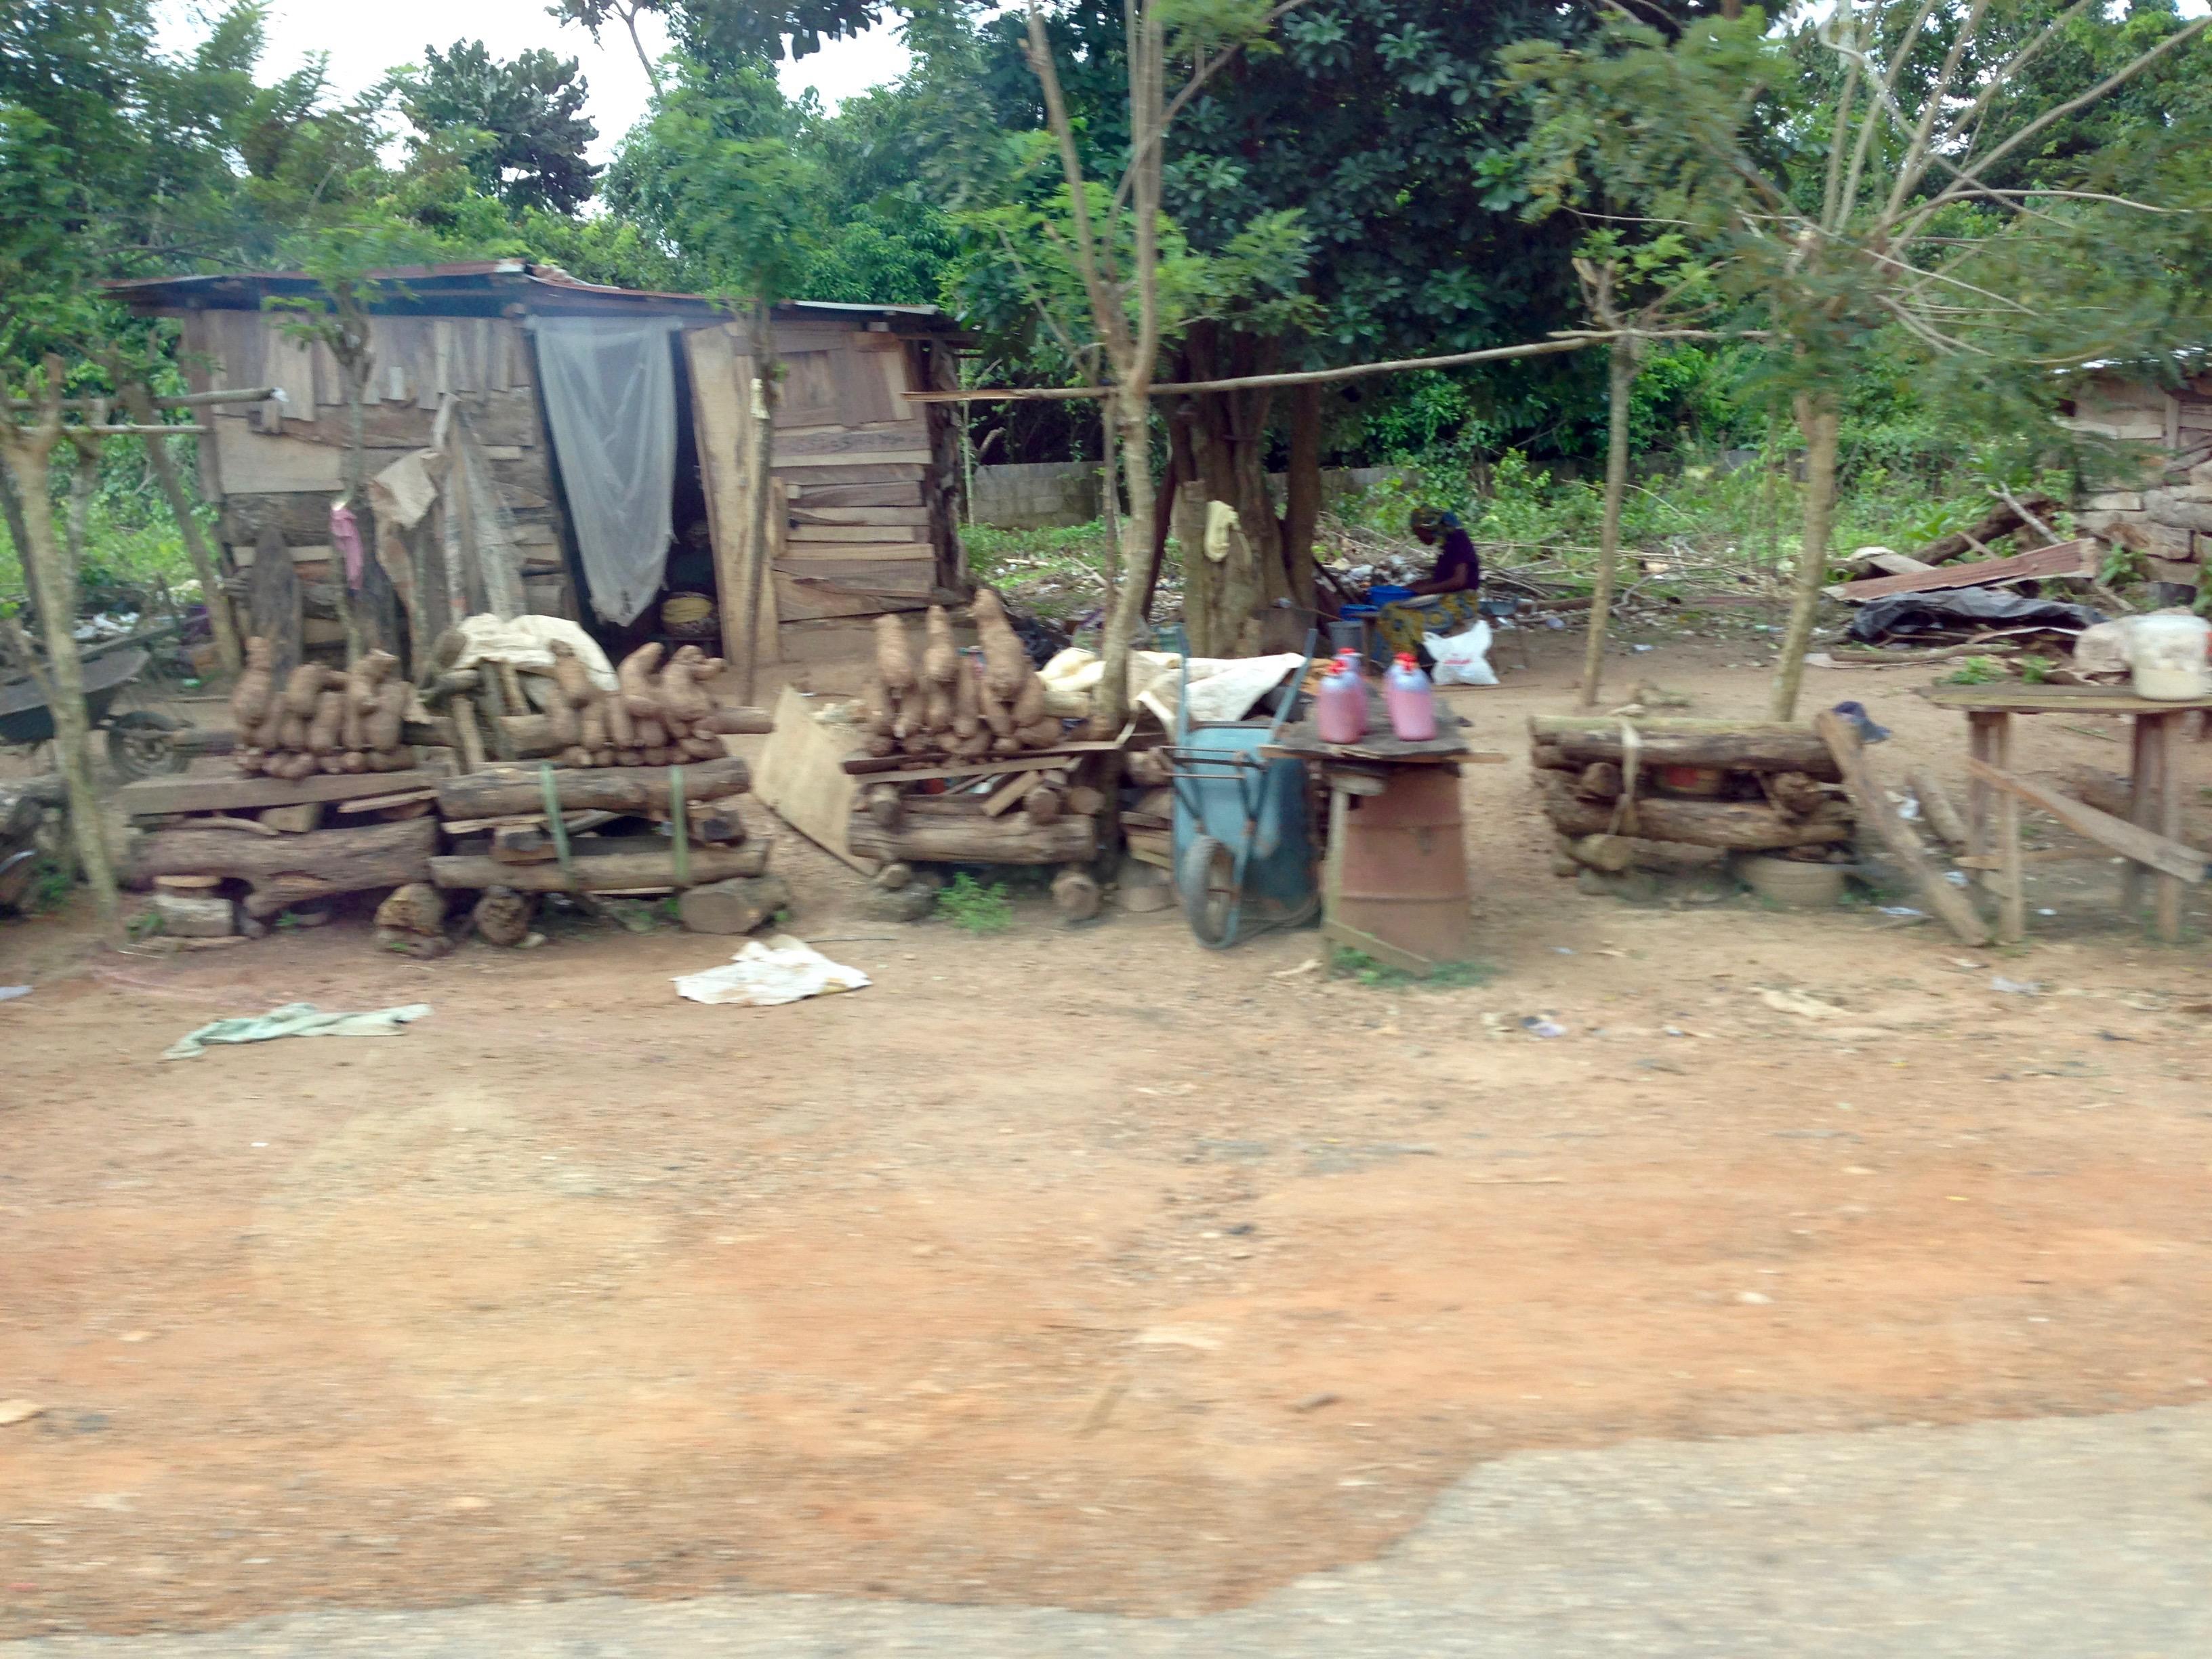 Roadside market, Owo, Ondo, Nigeria. #JujuFilms